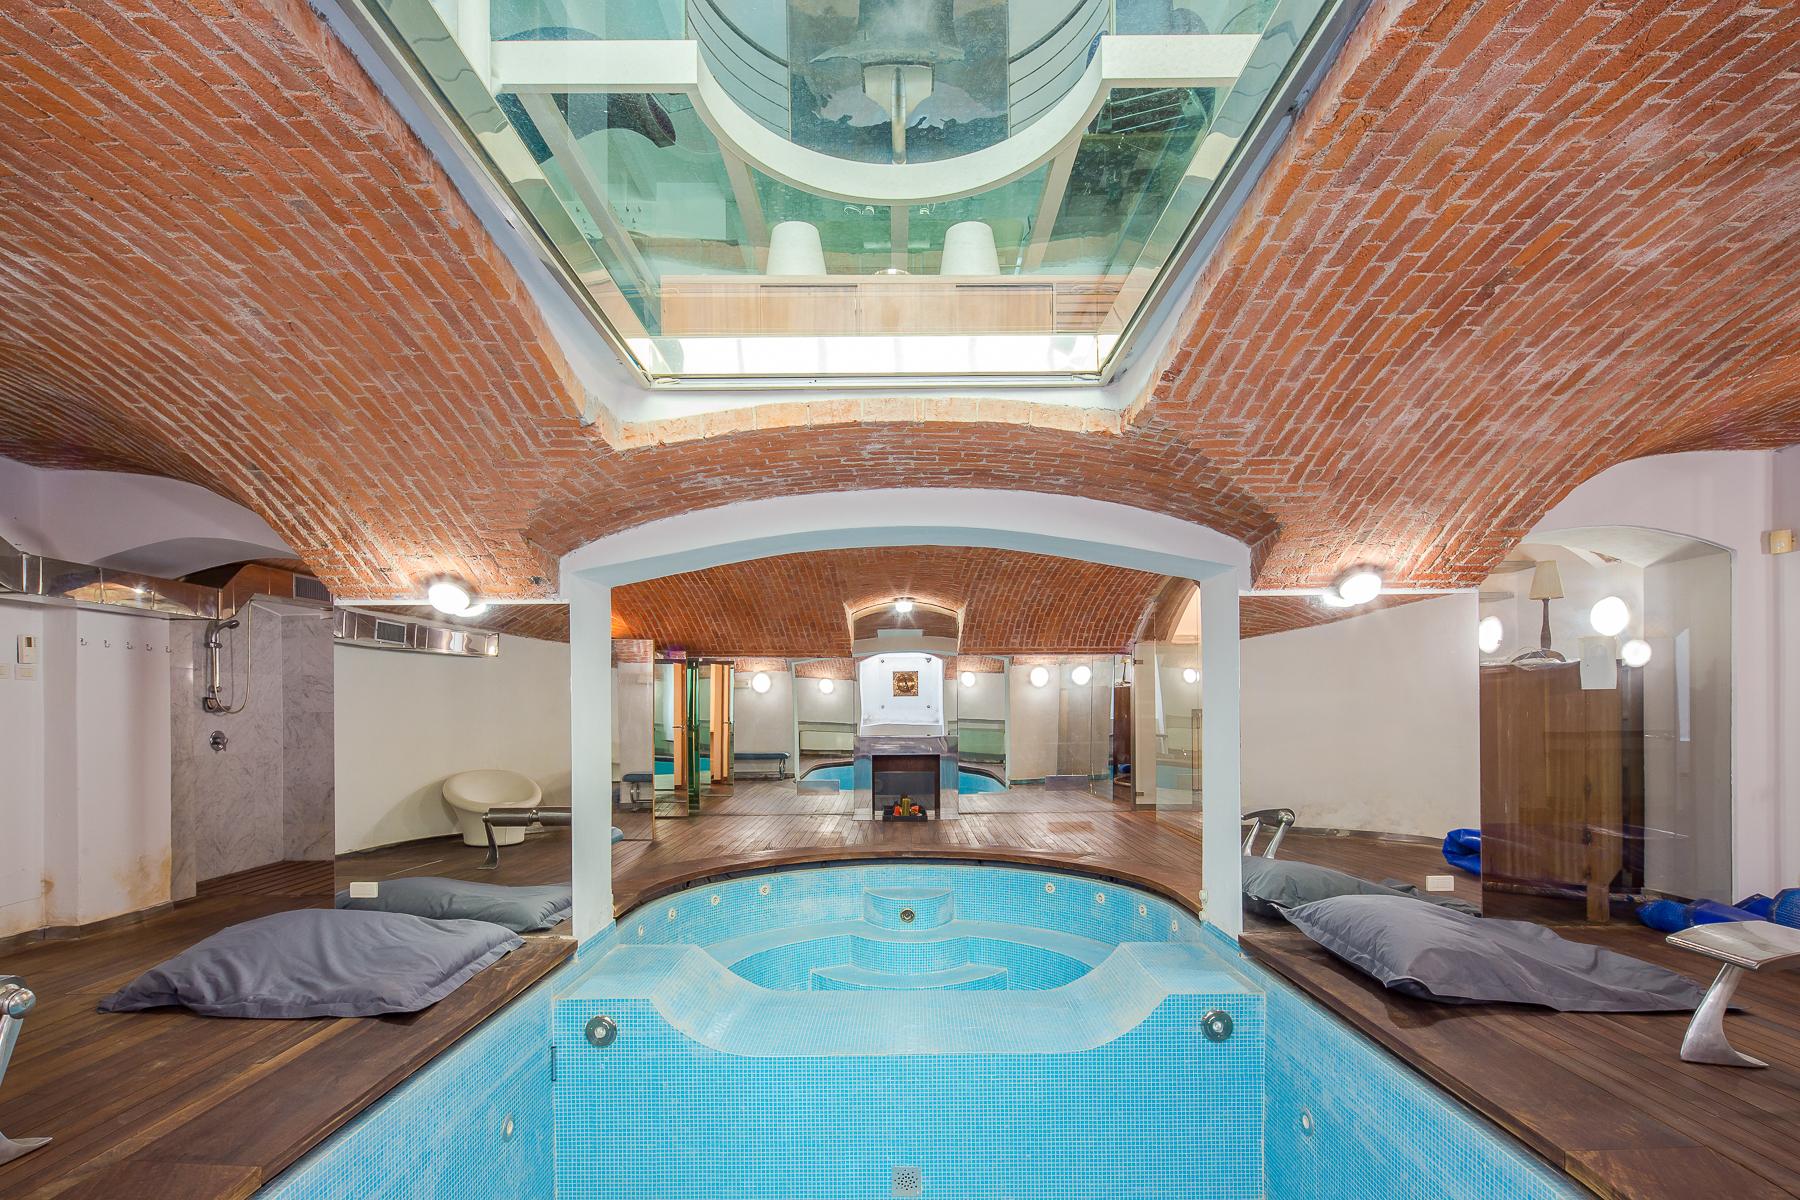 Casa indipendente in Vendita a Milano: 5 locali, 330 mq - Foto 20